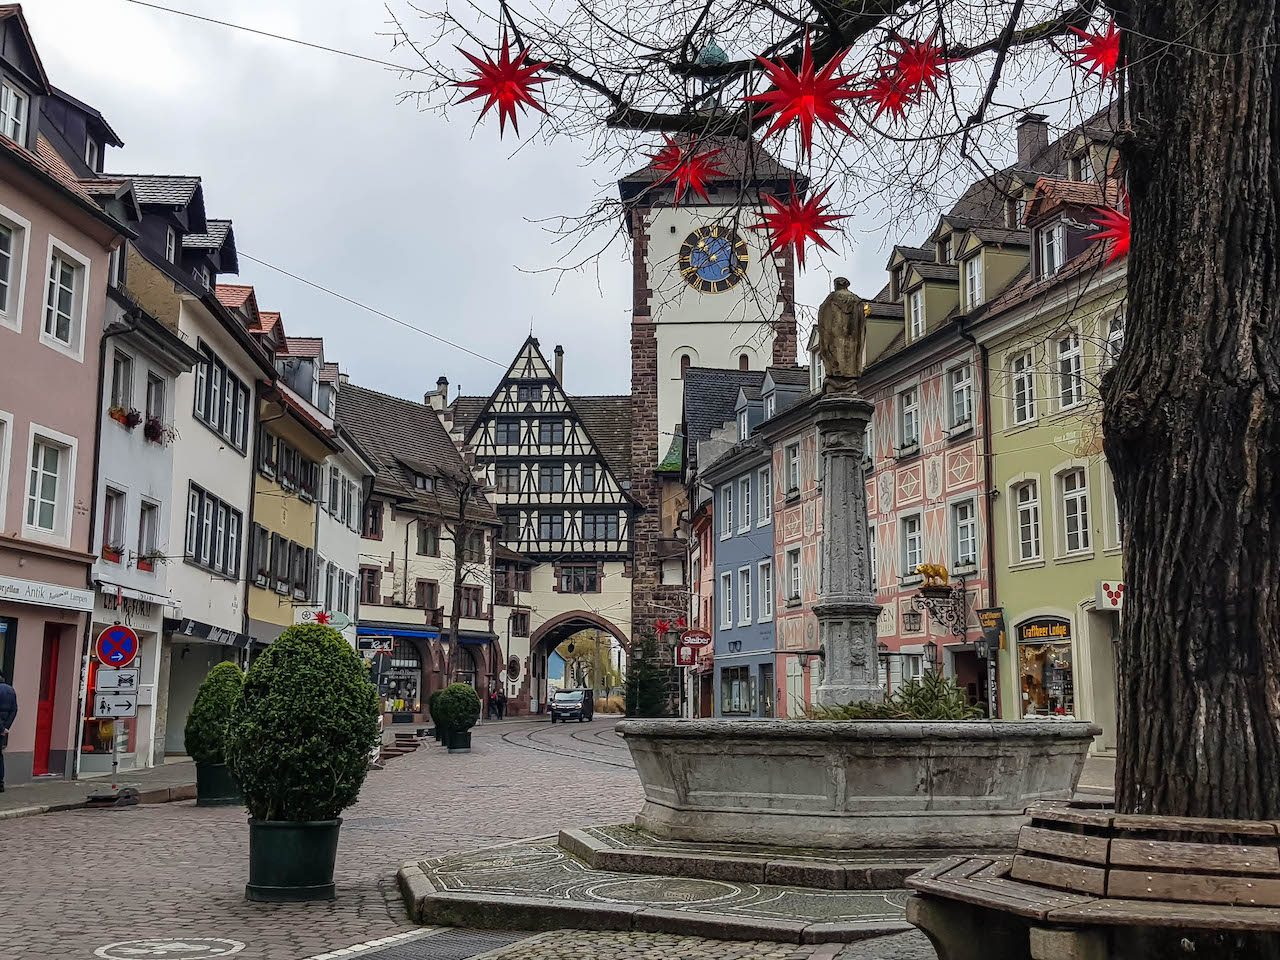 Wochenendtrip: von Freiburg in den Schwarzwald